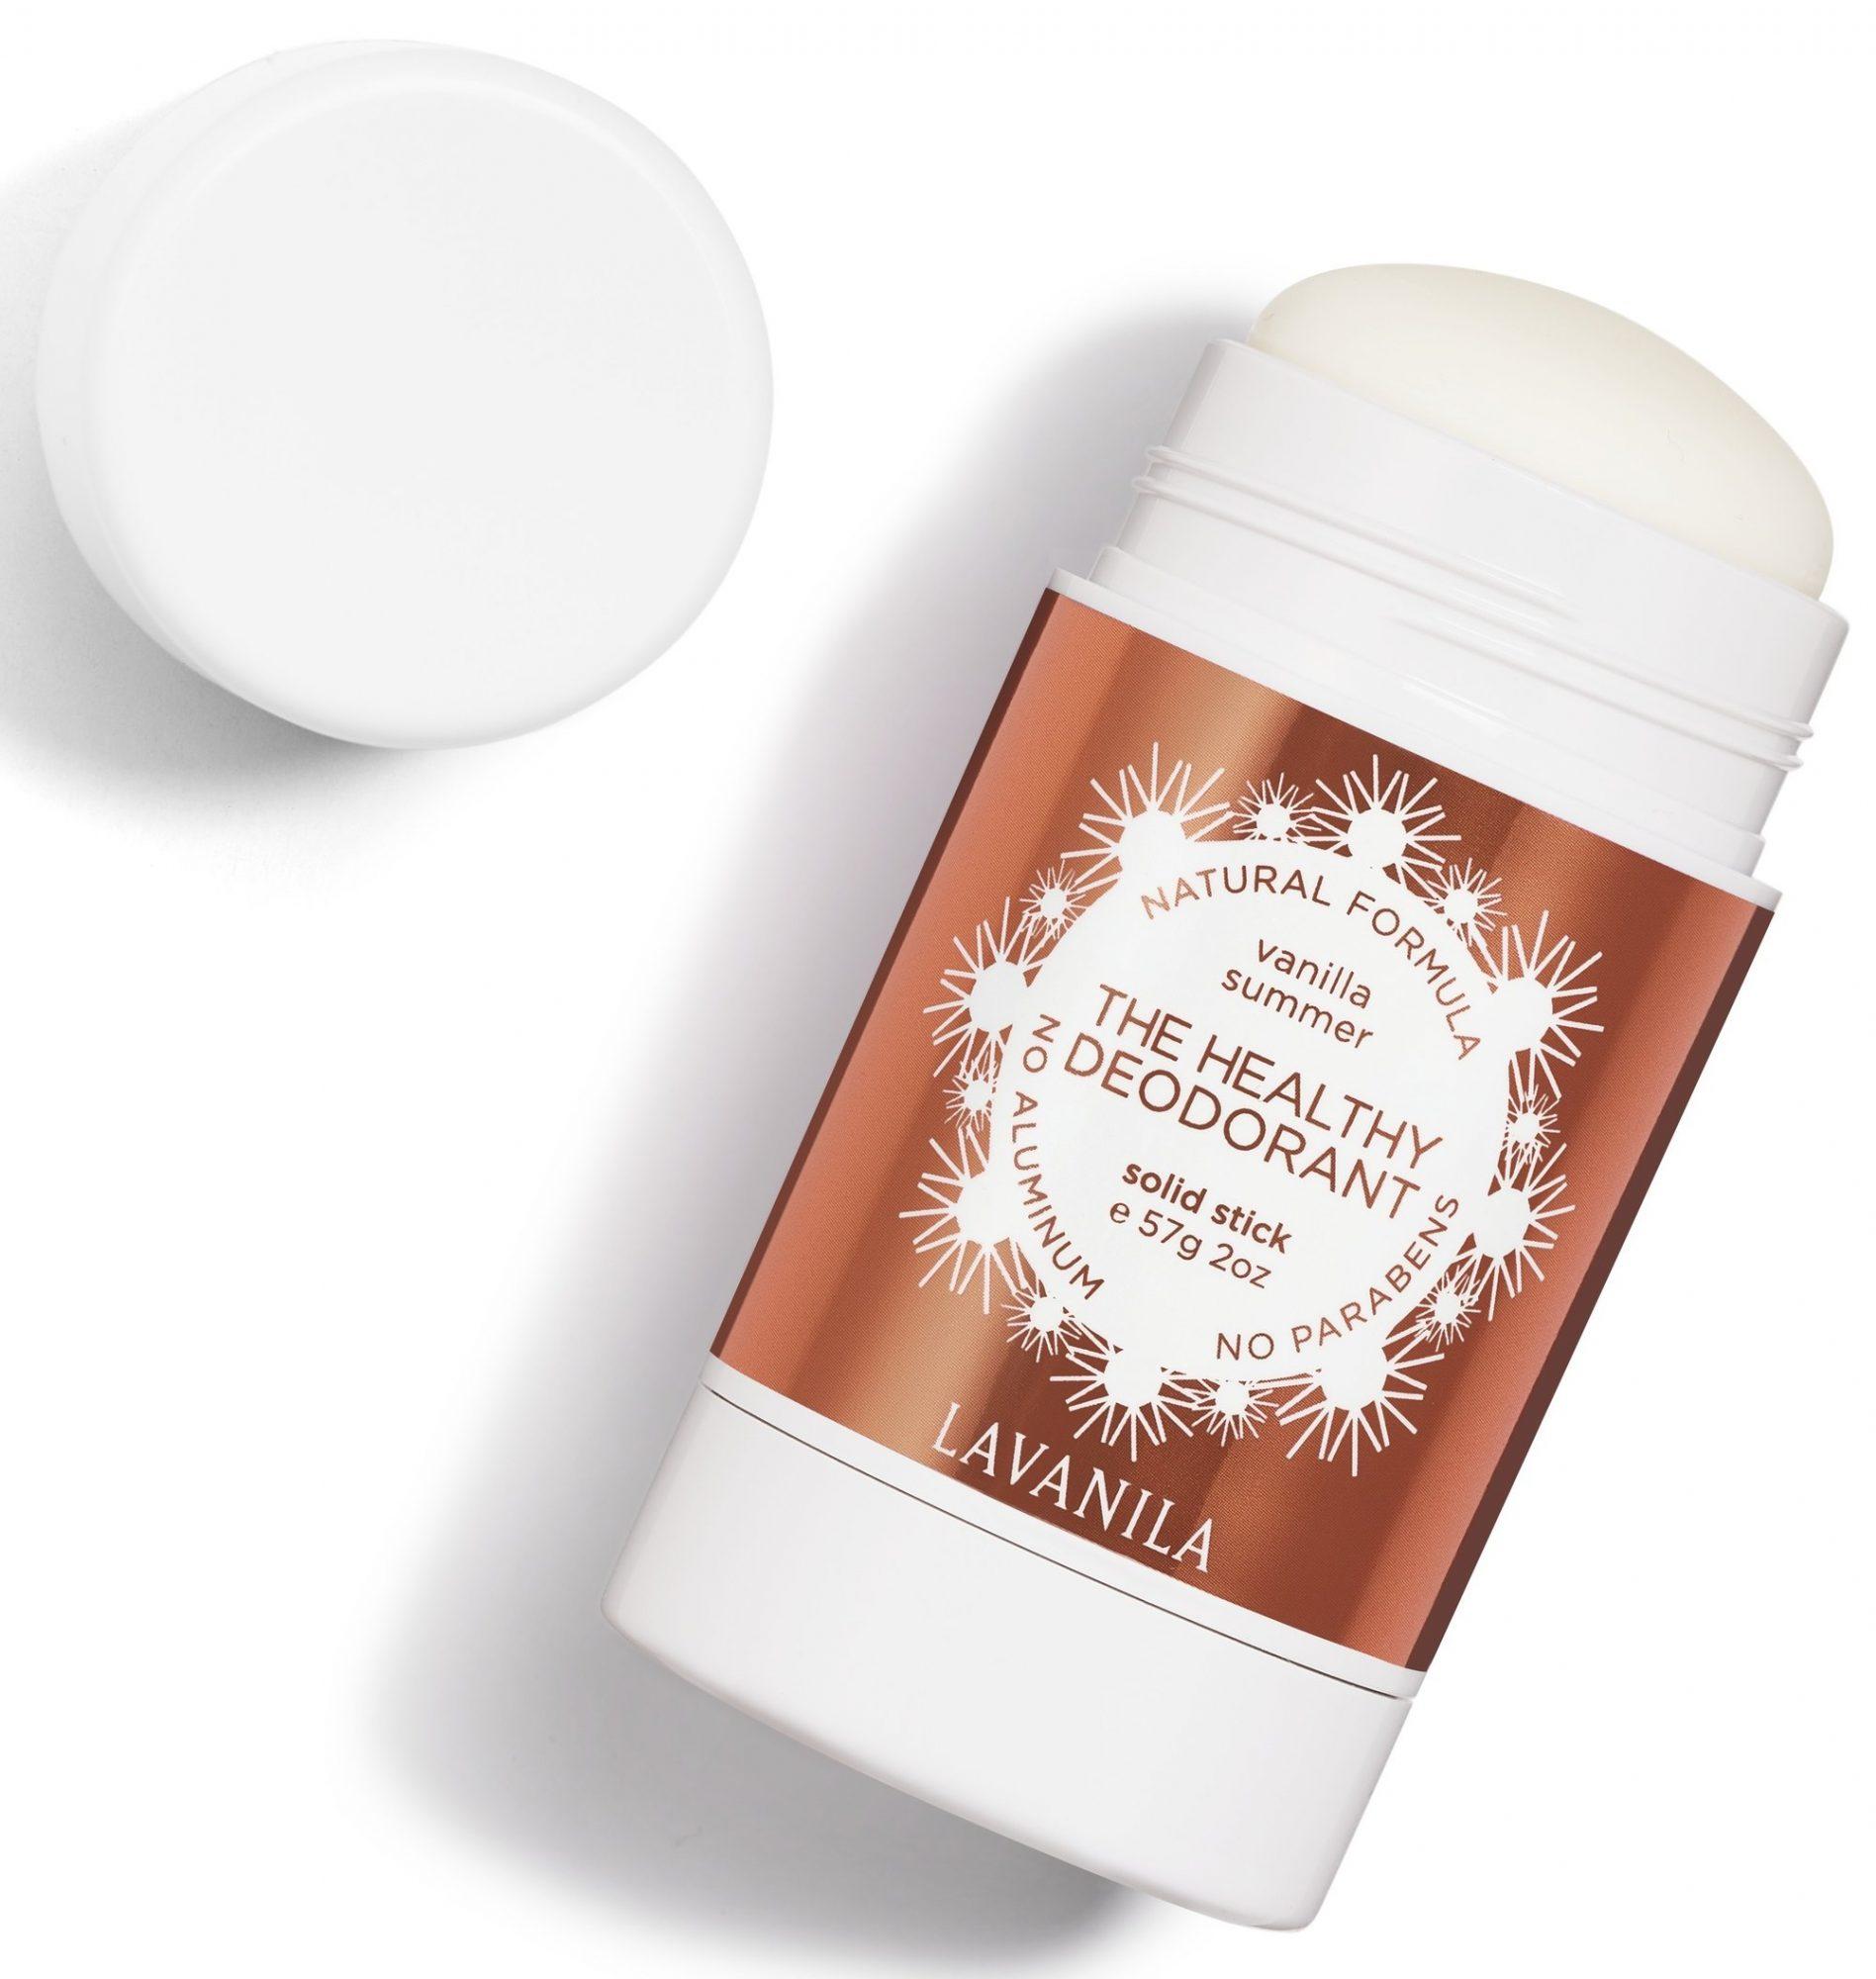 Lavanila desodorante